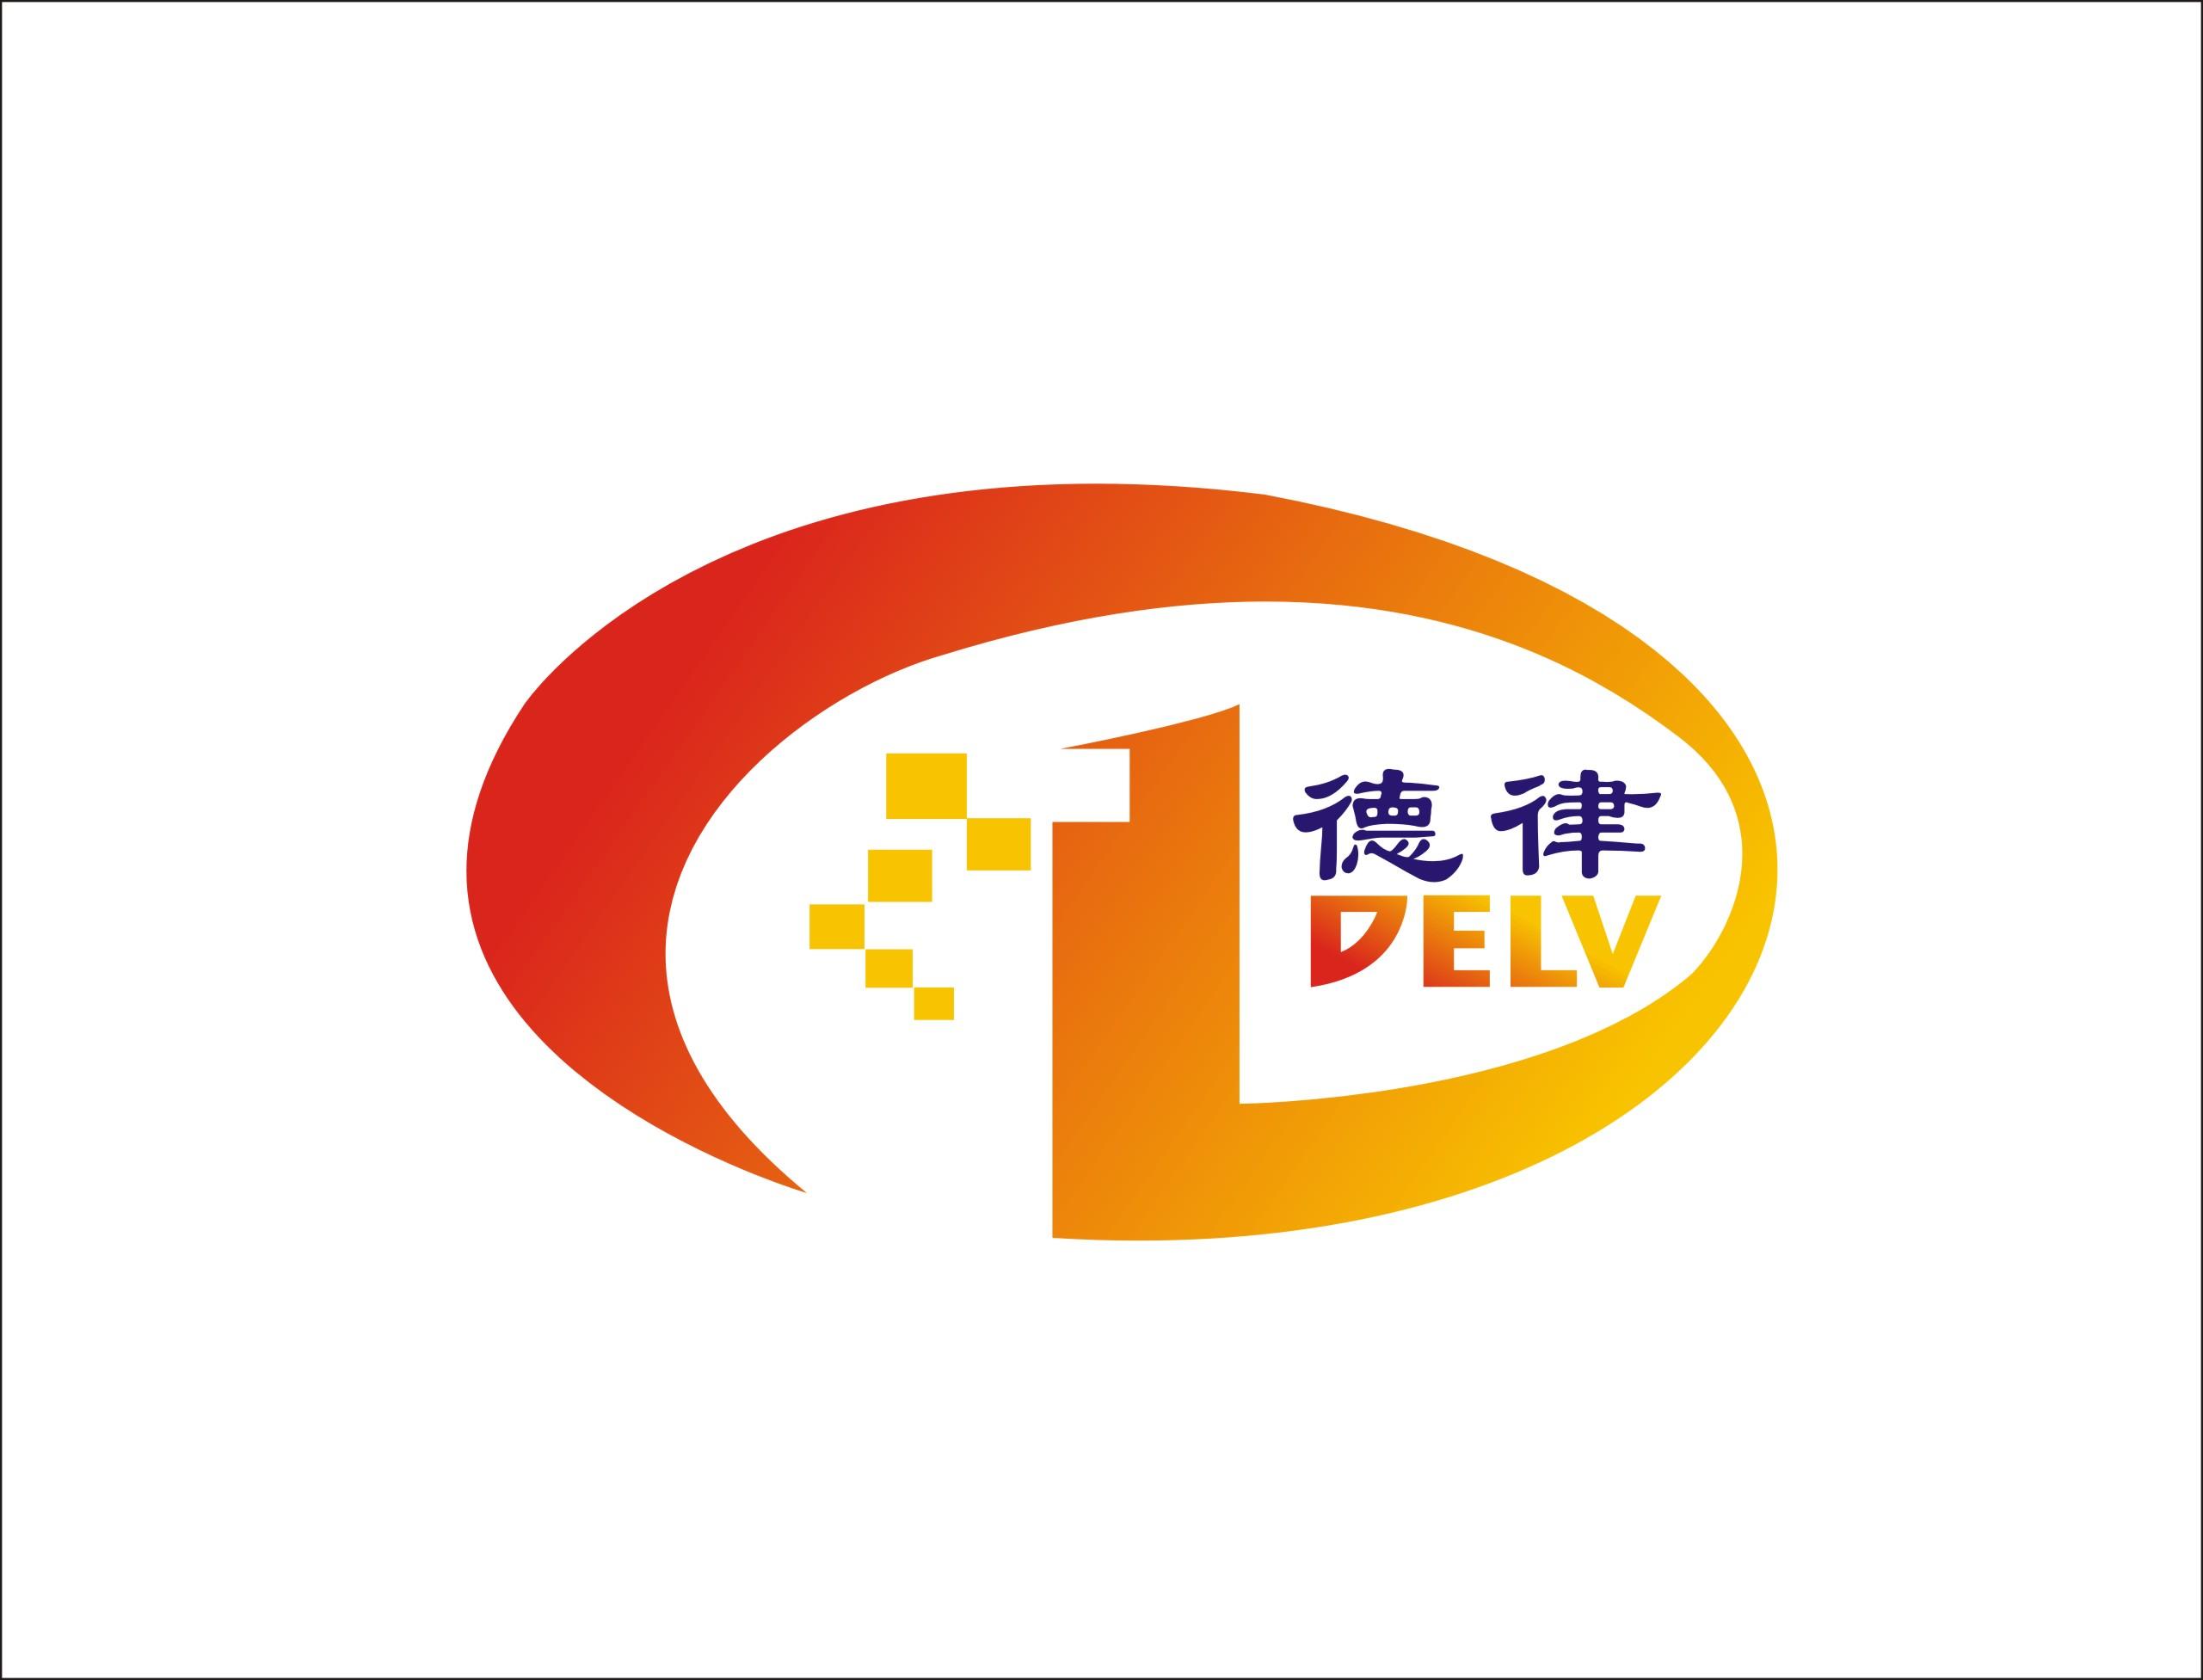 東莞市寮步德律電子設備經營部